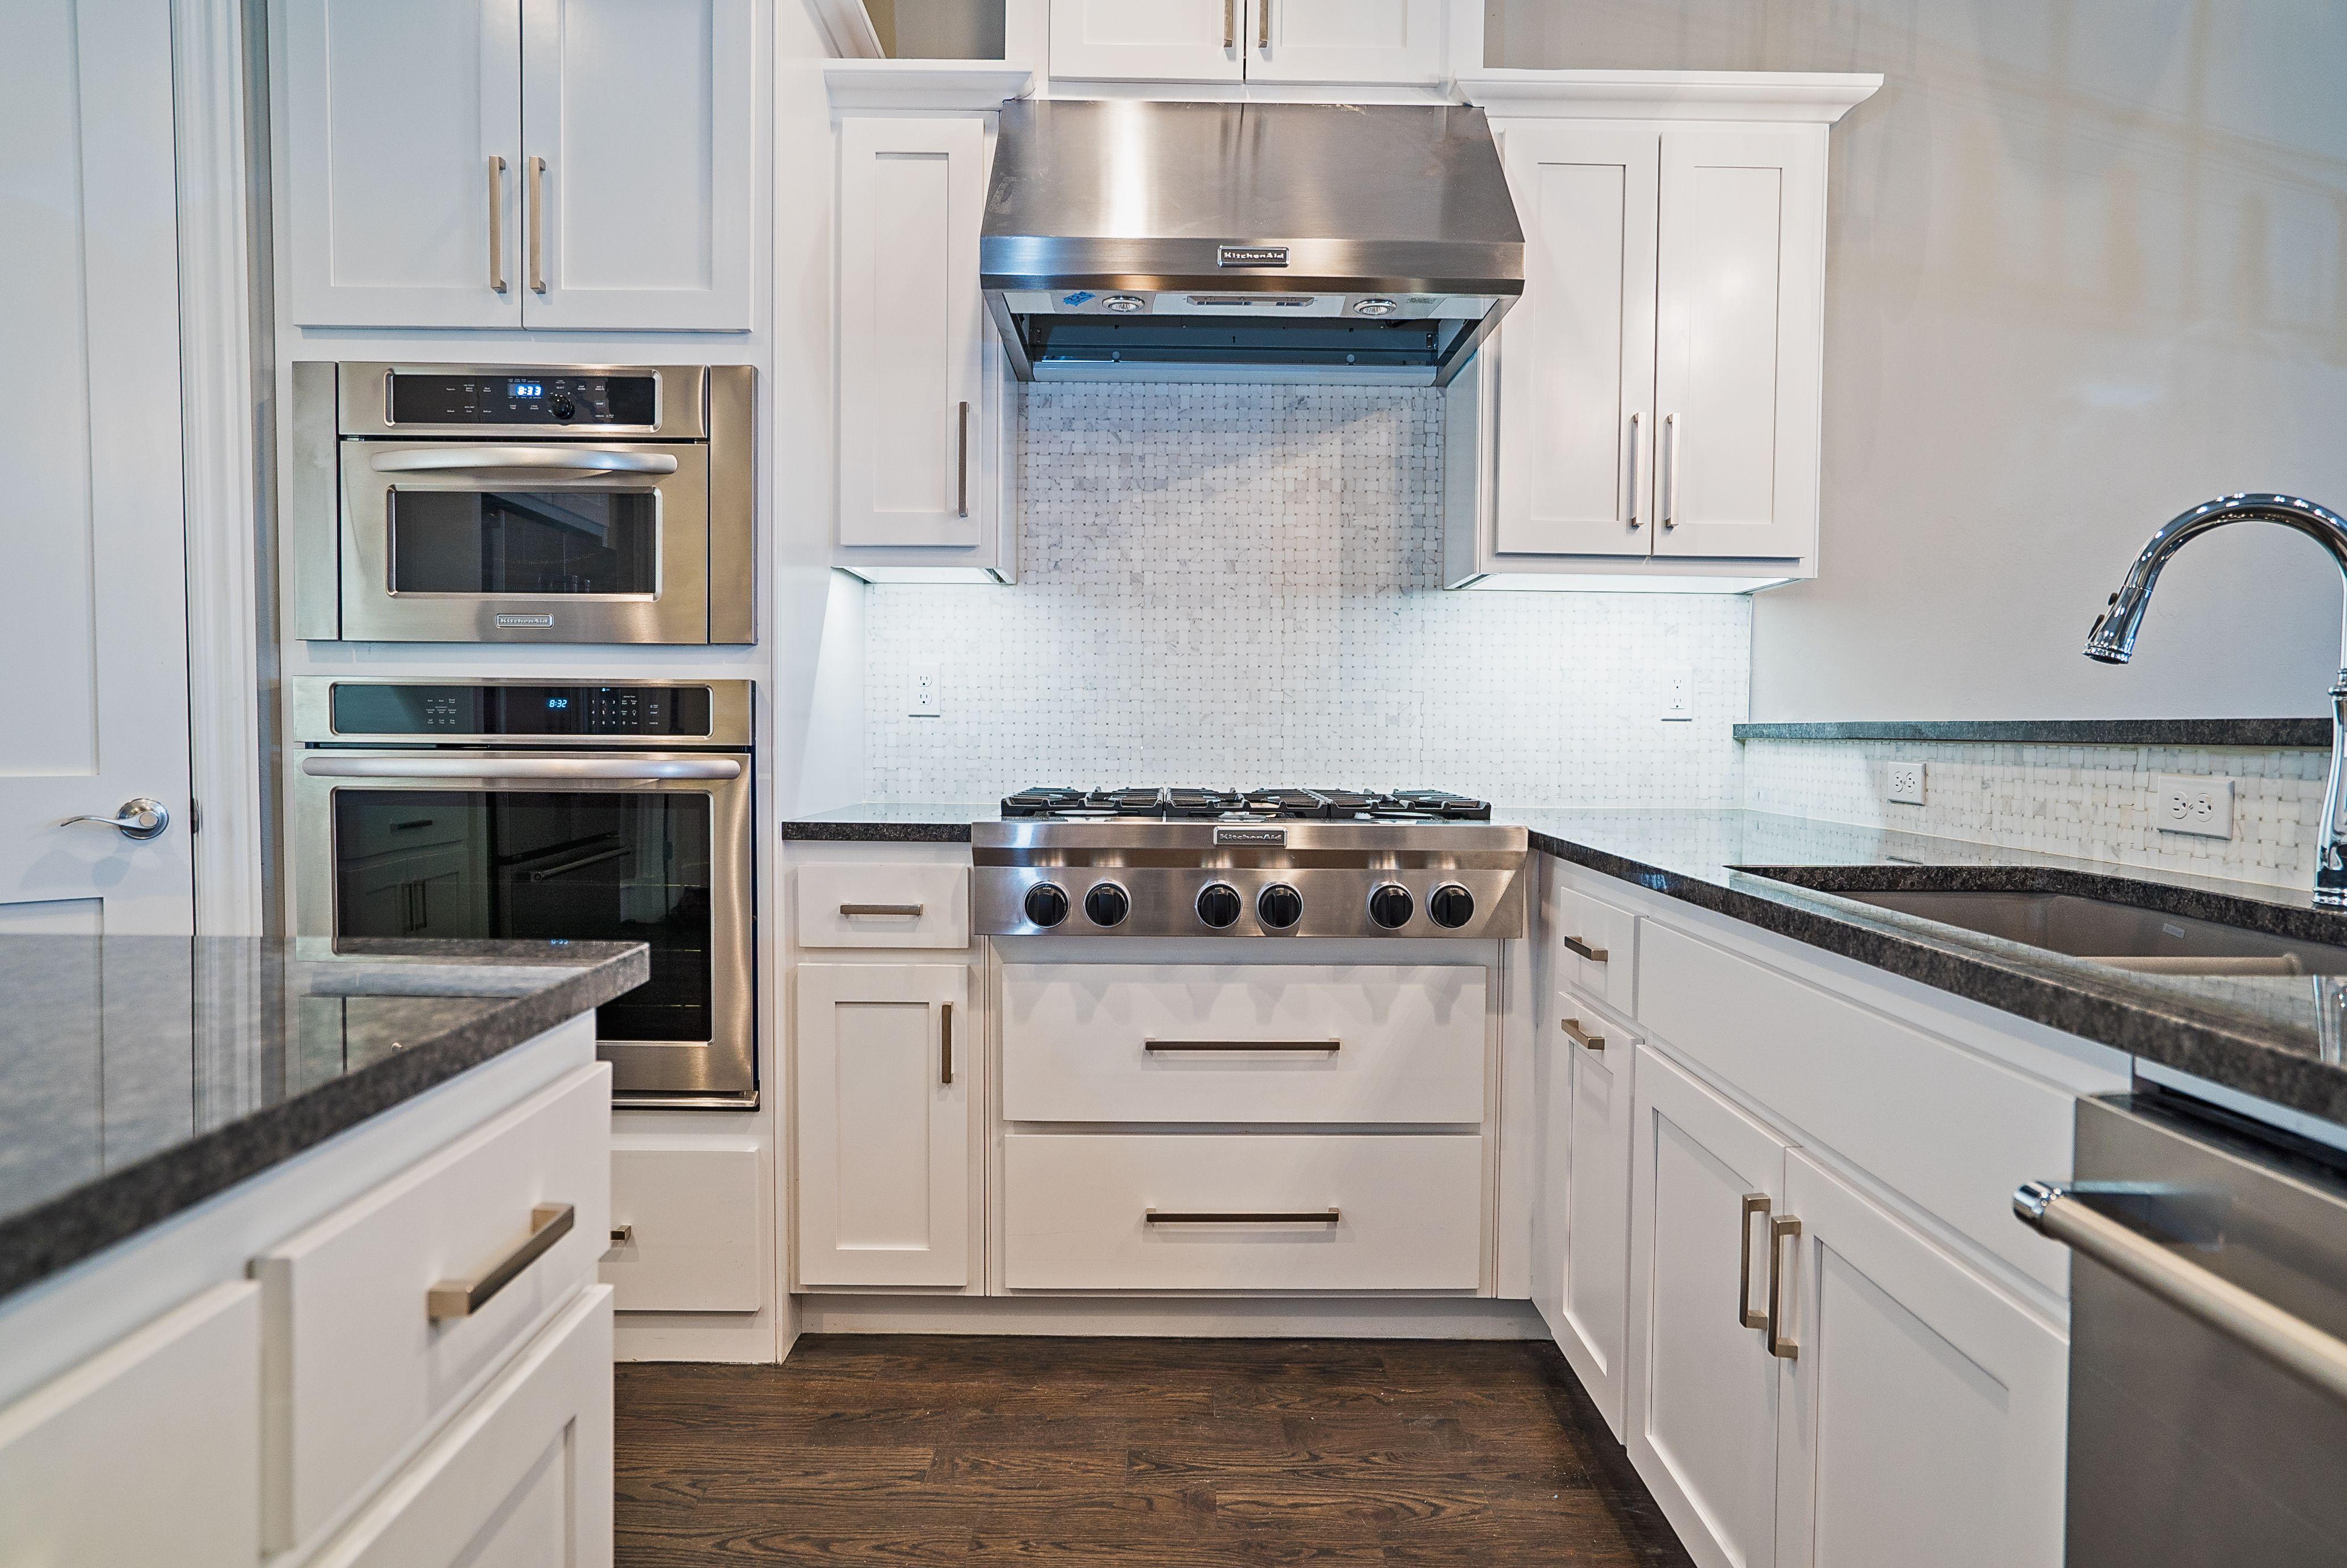 Clean Lines Offer An Understated Elegance In This White Kitchen Bella Vici Designs Kitchen Design Interior Design Work Kitchen